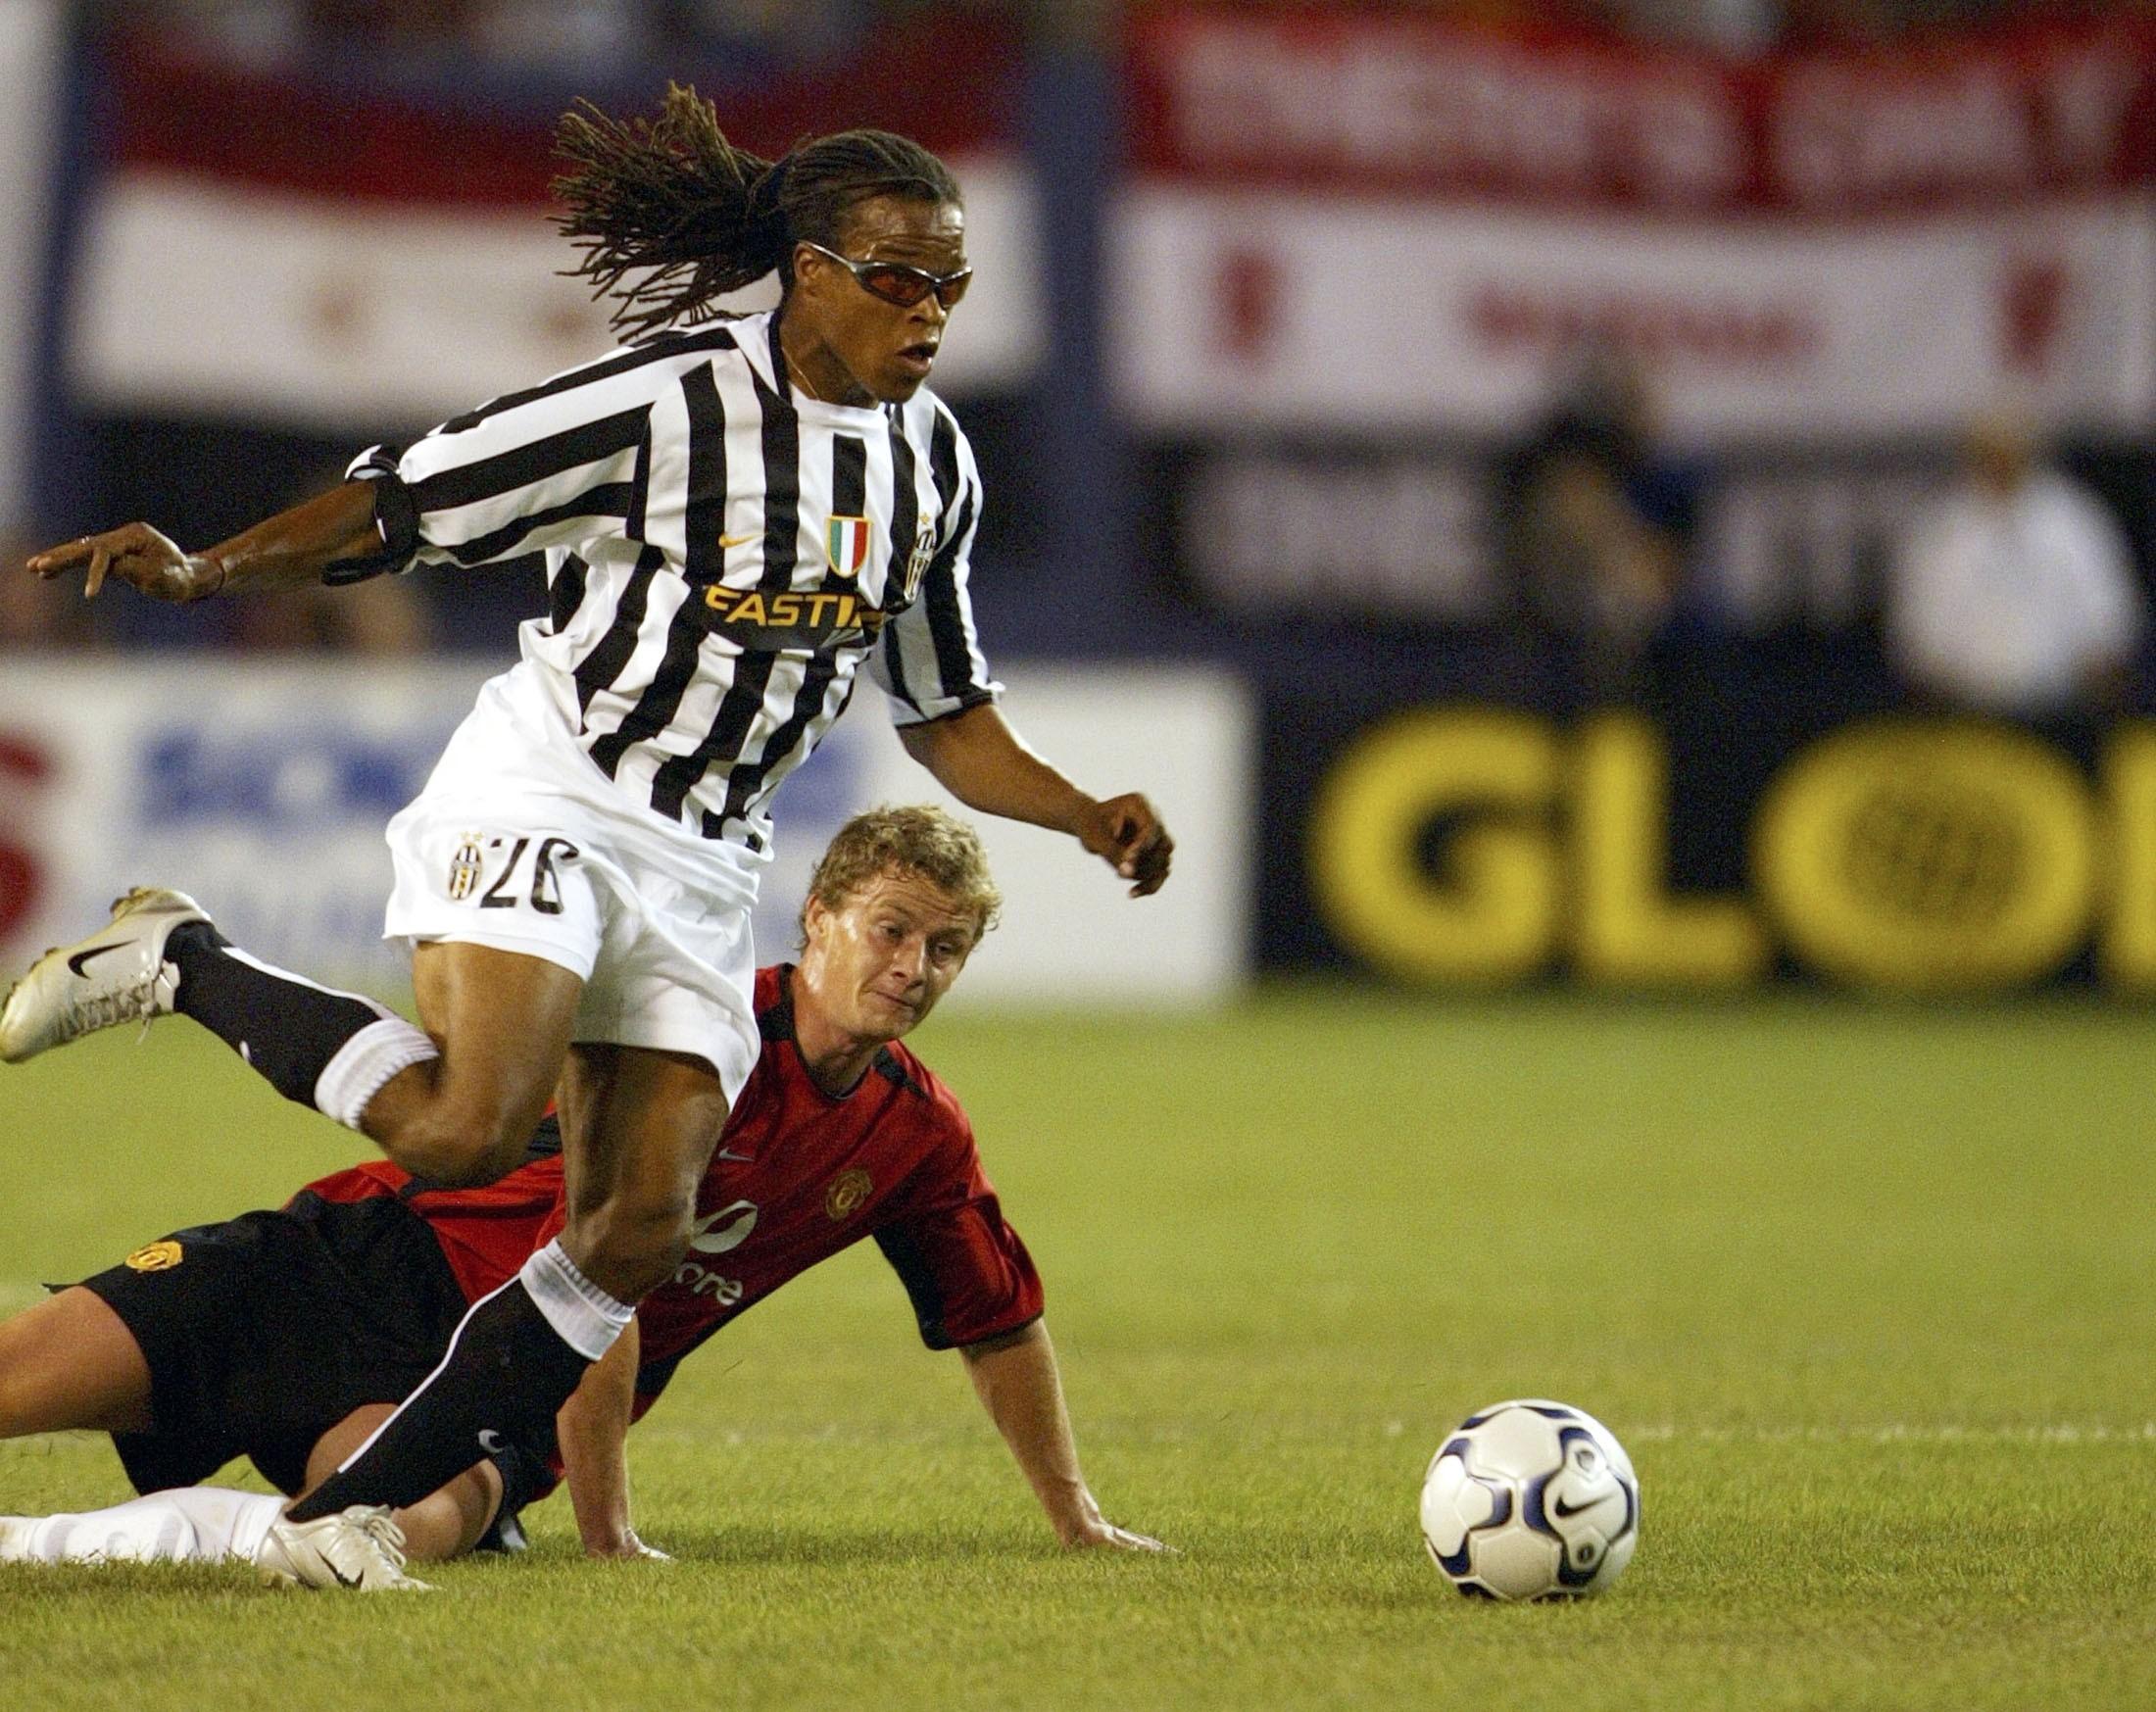 Edgar-Davids-of-Juventus-1584878054.jpg